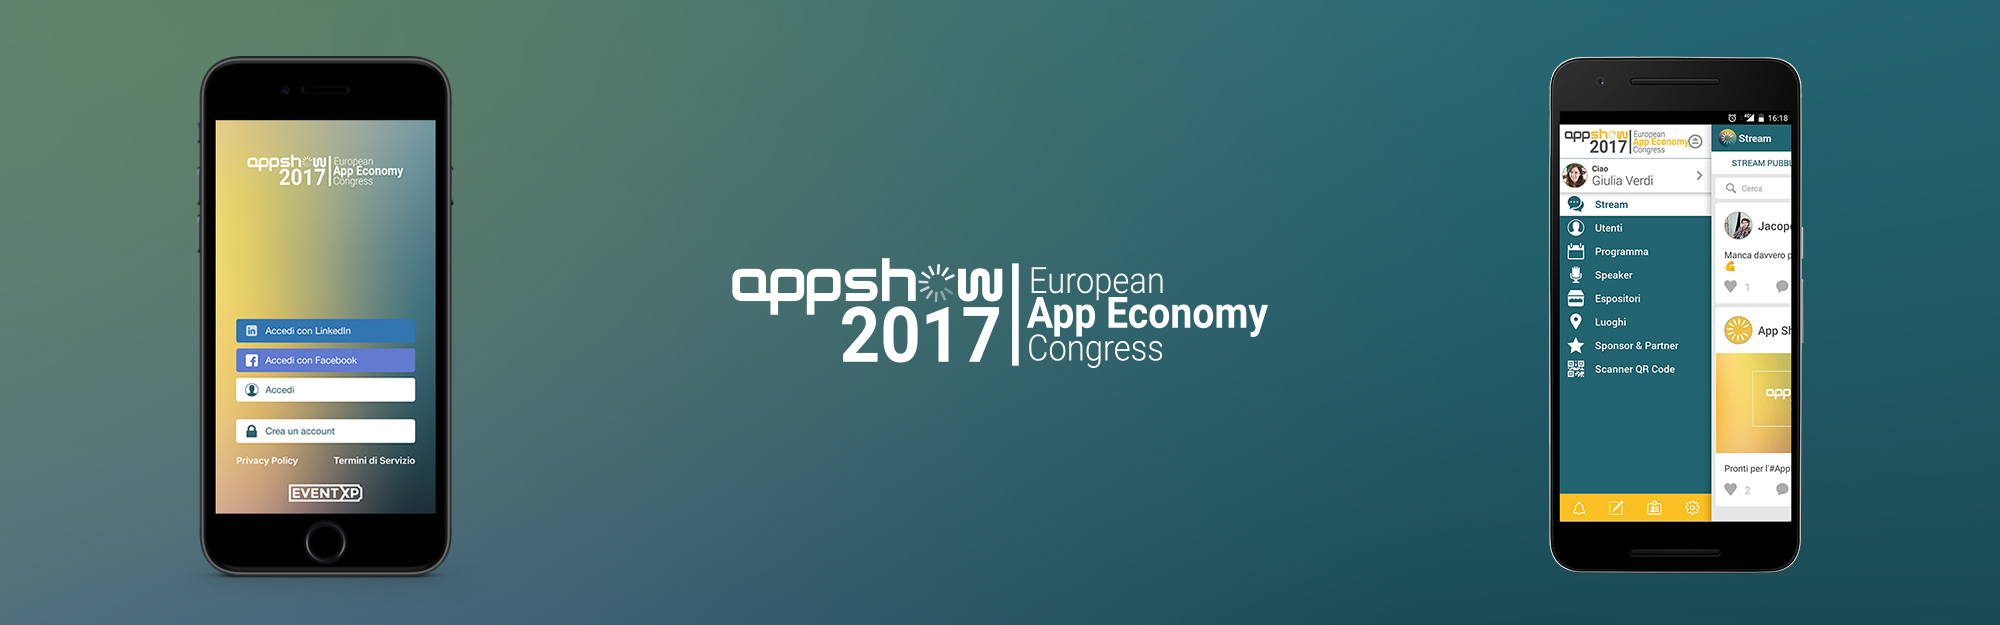 IQUII porta EventXP ad AppShow 2017, il primo congresso europeo sull'App Economy